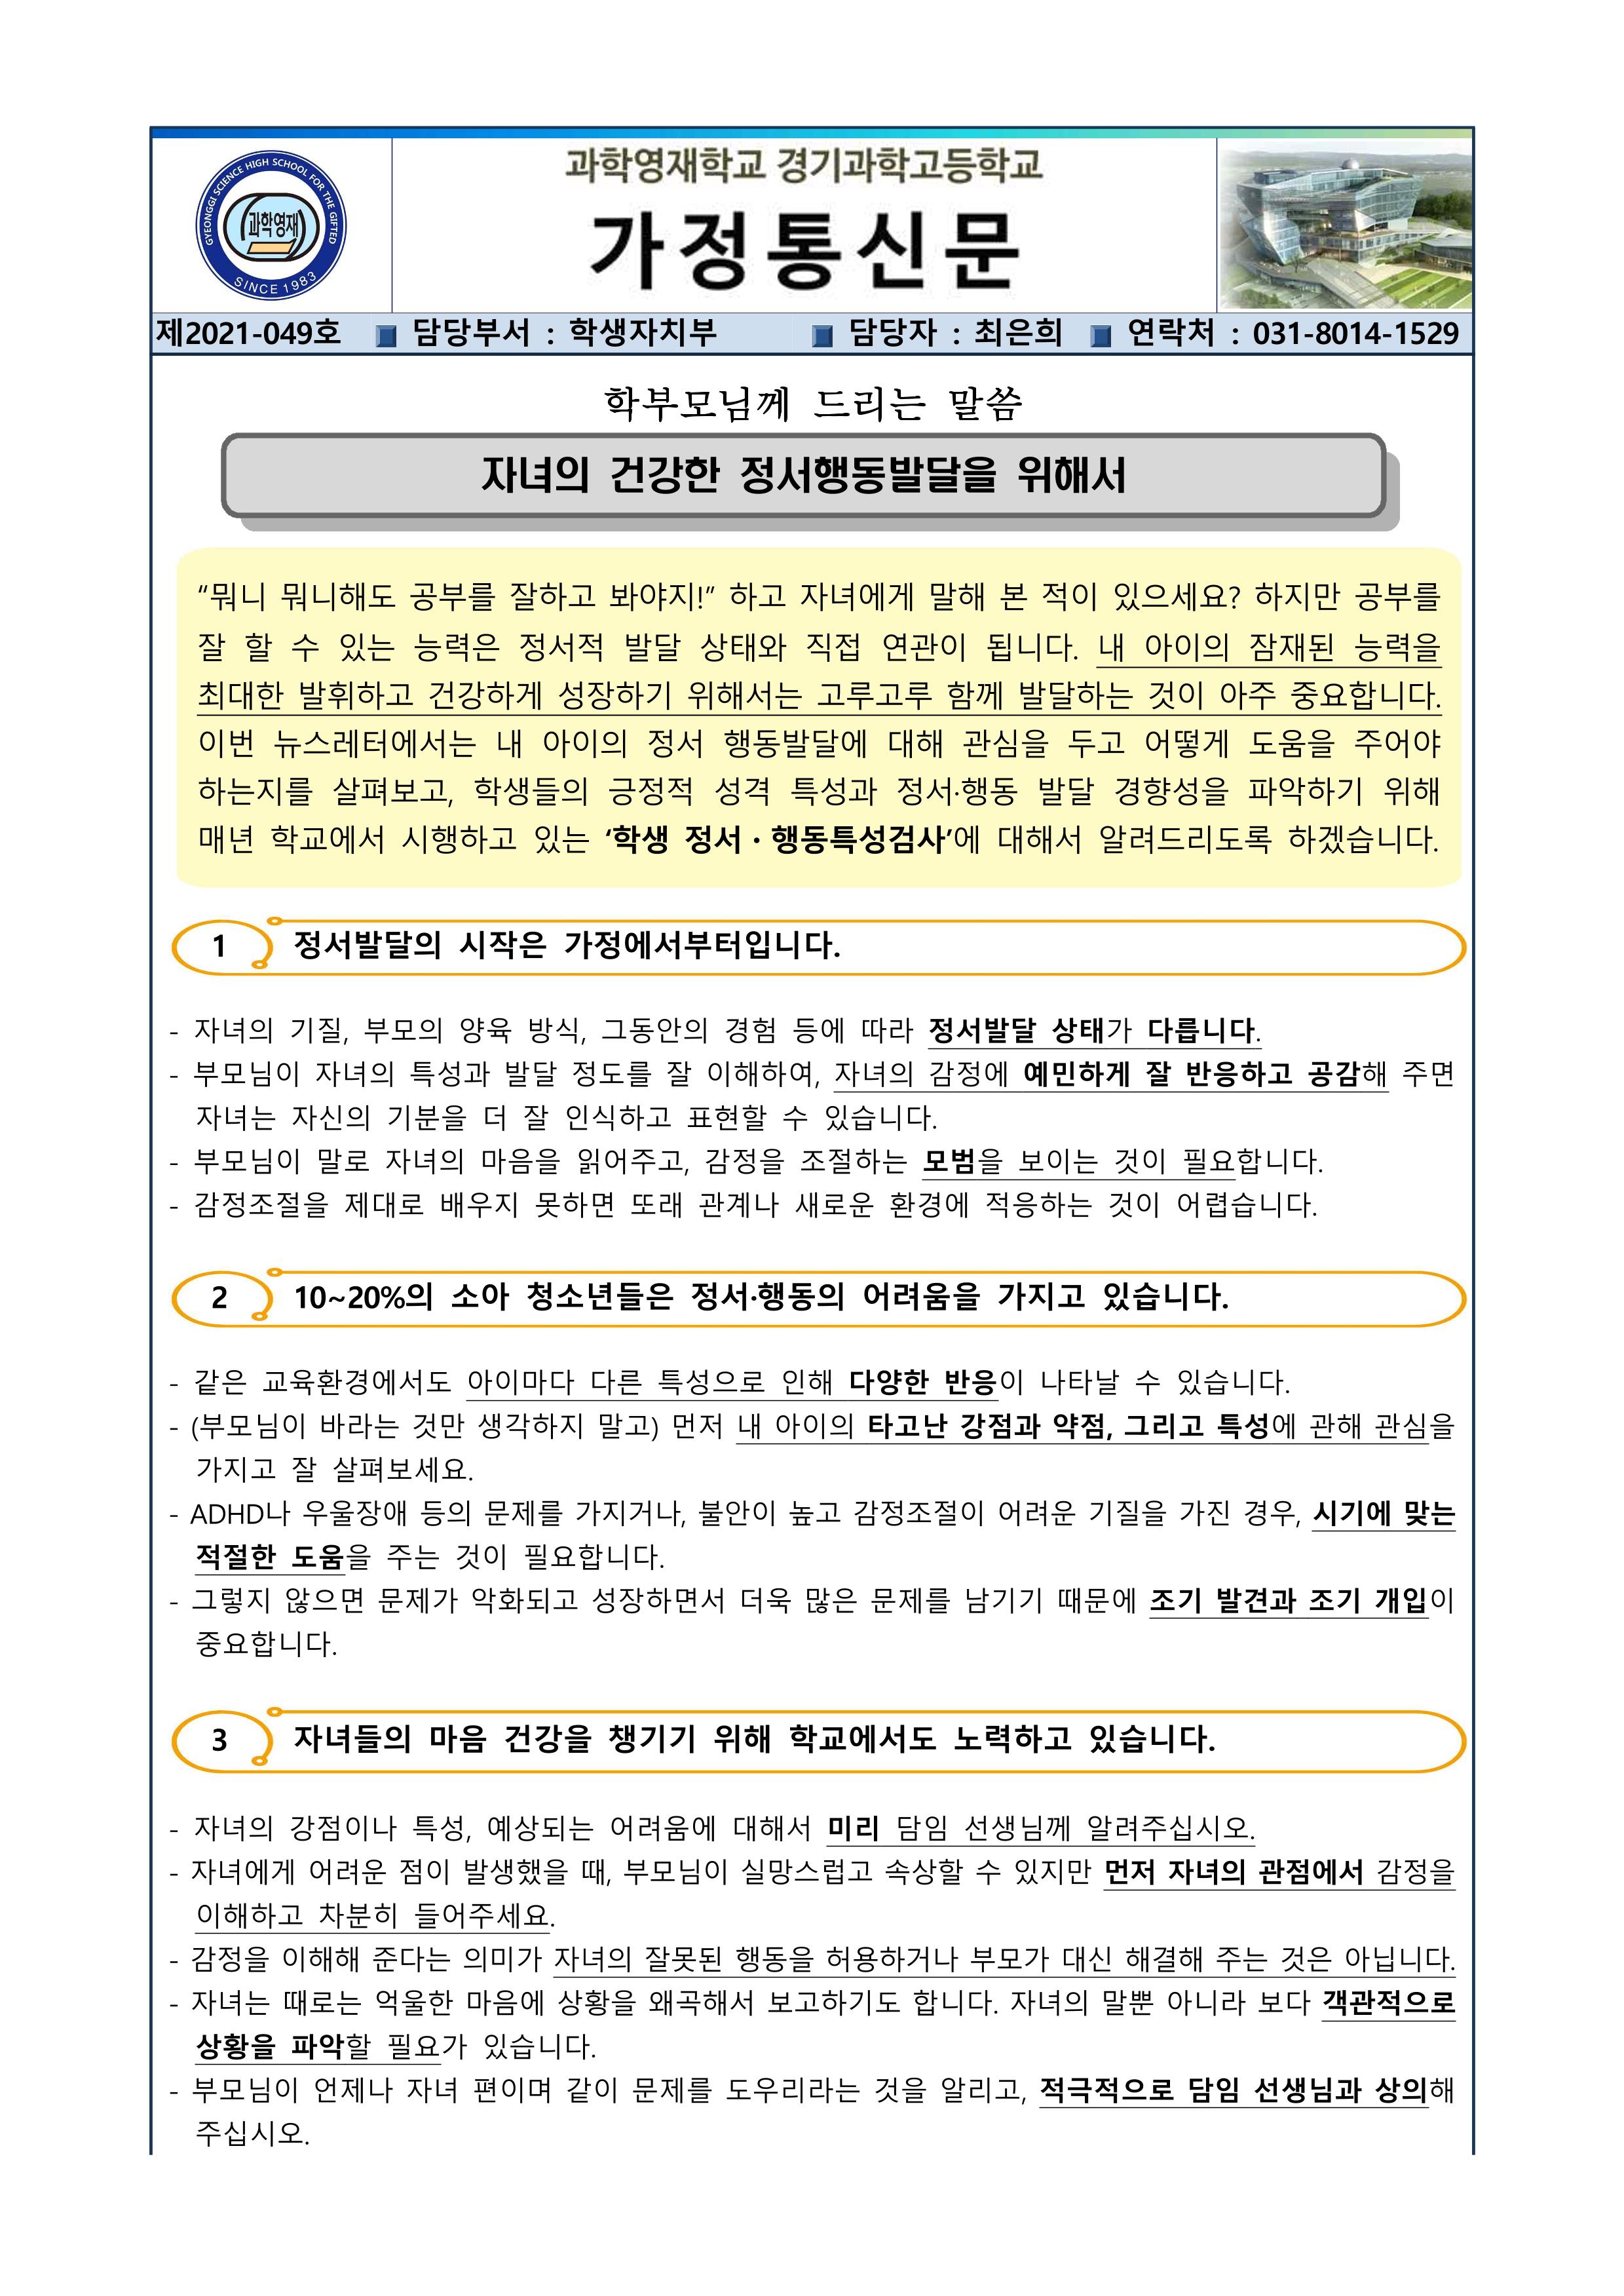 뉴스레터 자녀사랑하기 제2021-3호 가정통신문 1Page.